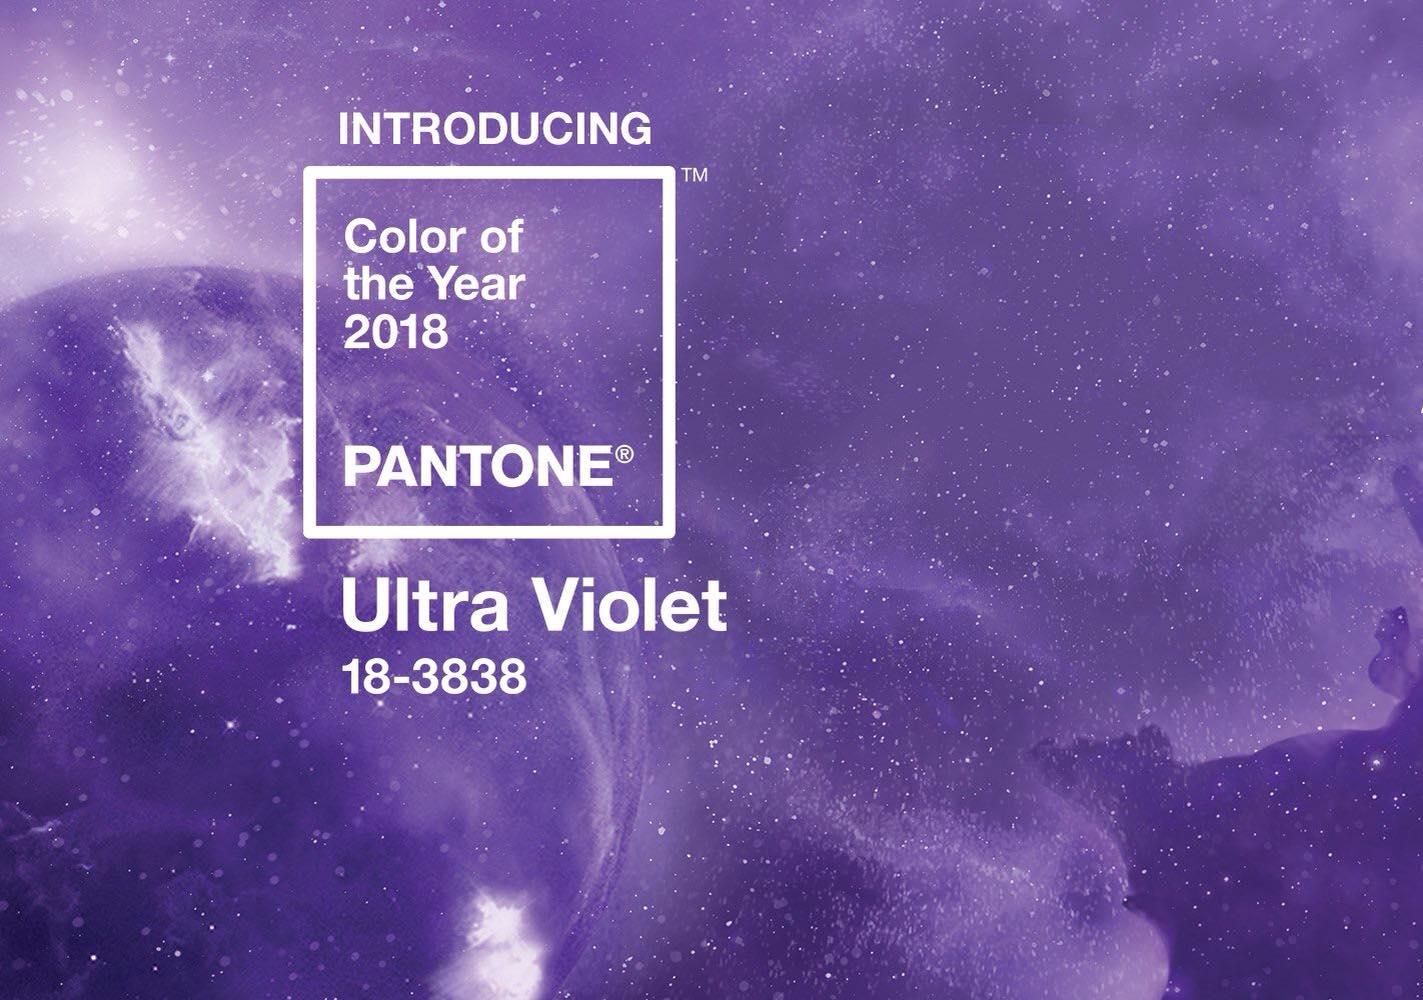 شركة Pantone 2018 6 اللون البنفسجي لون العام بحسب بانتون